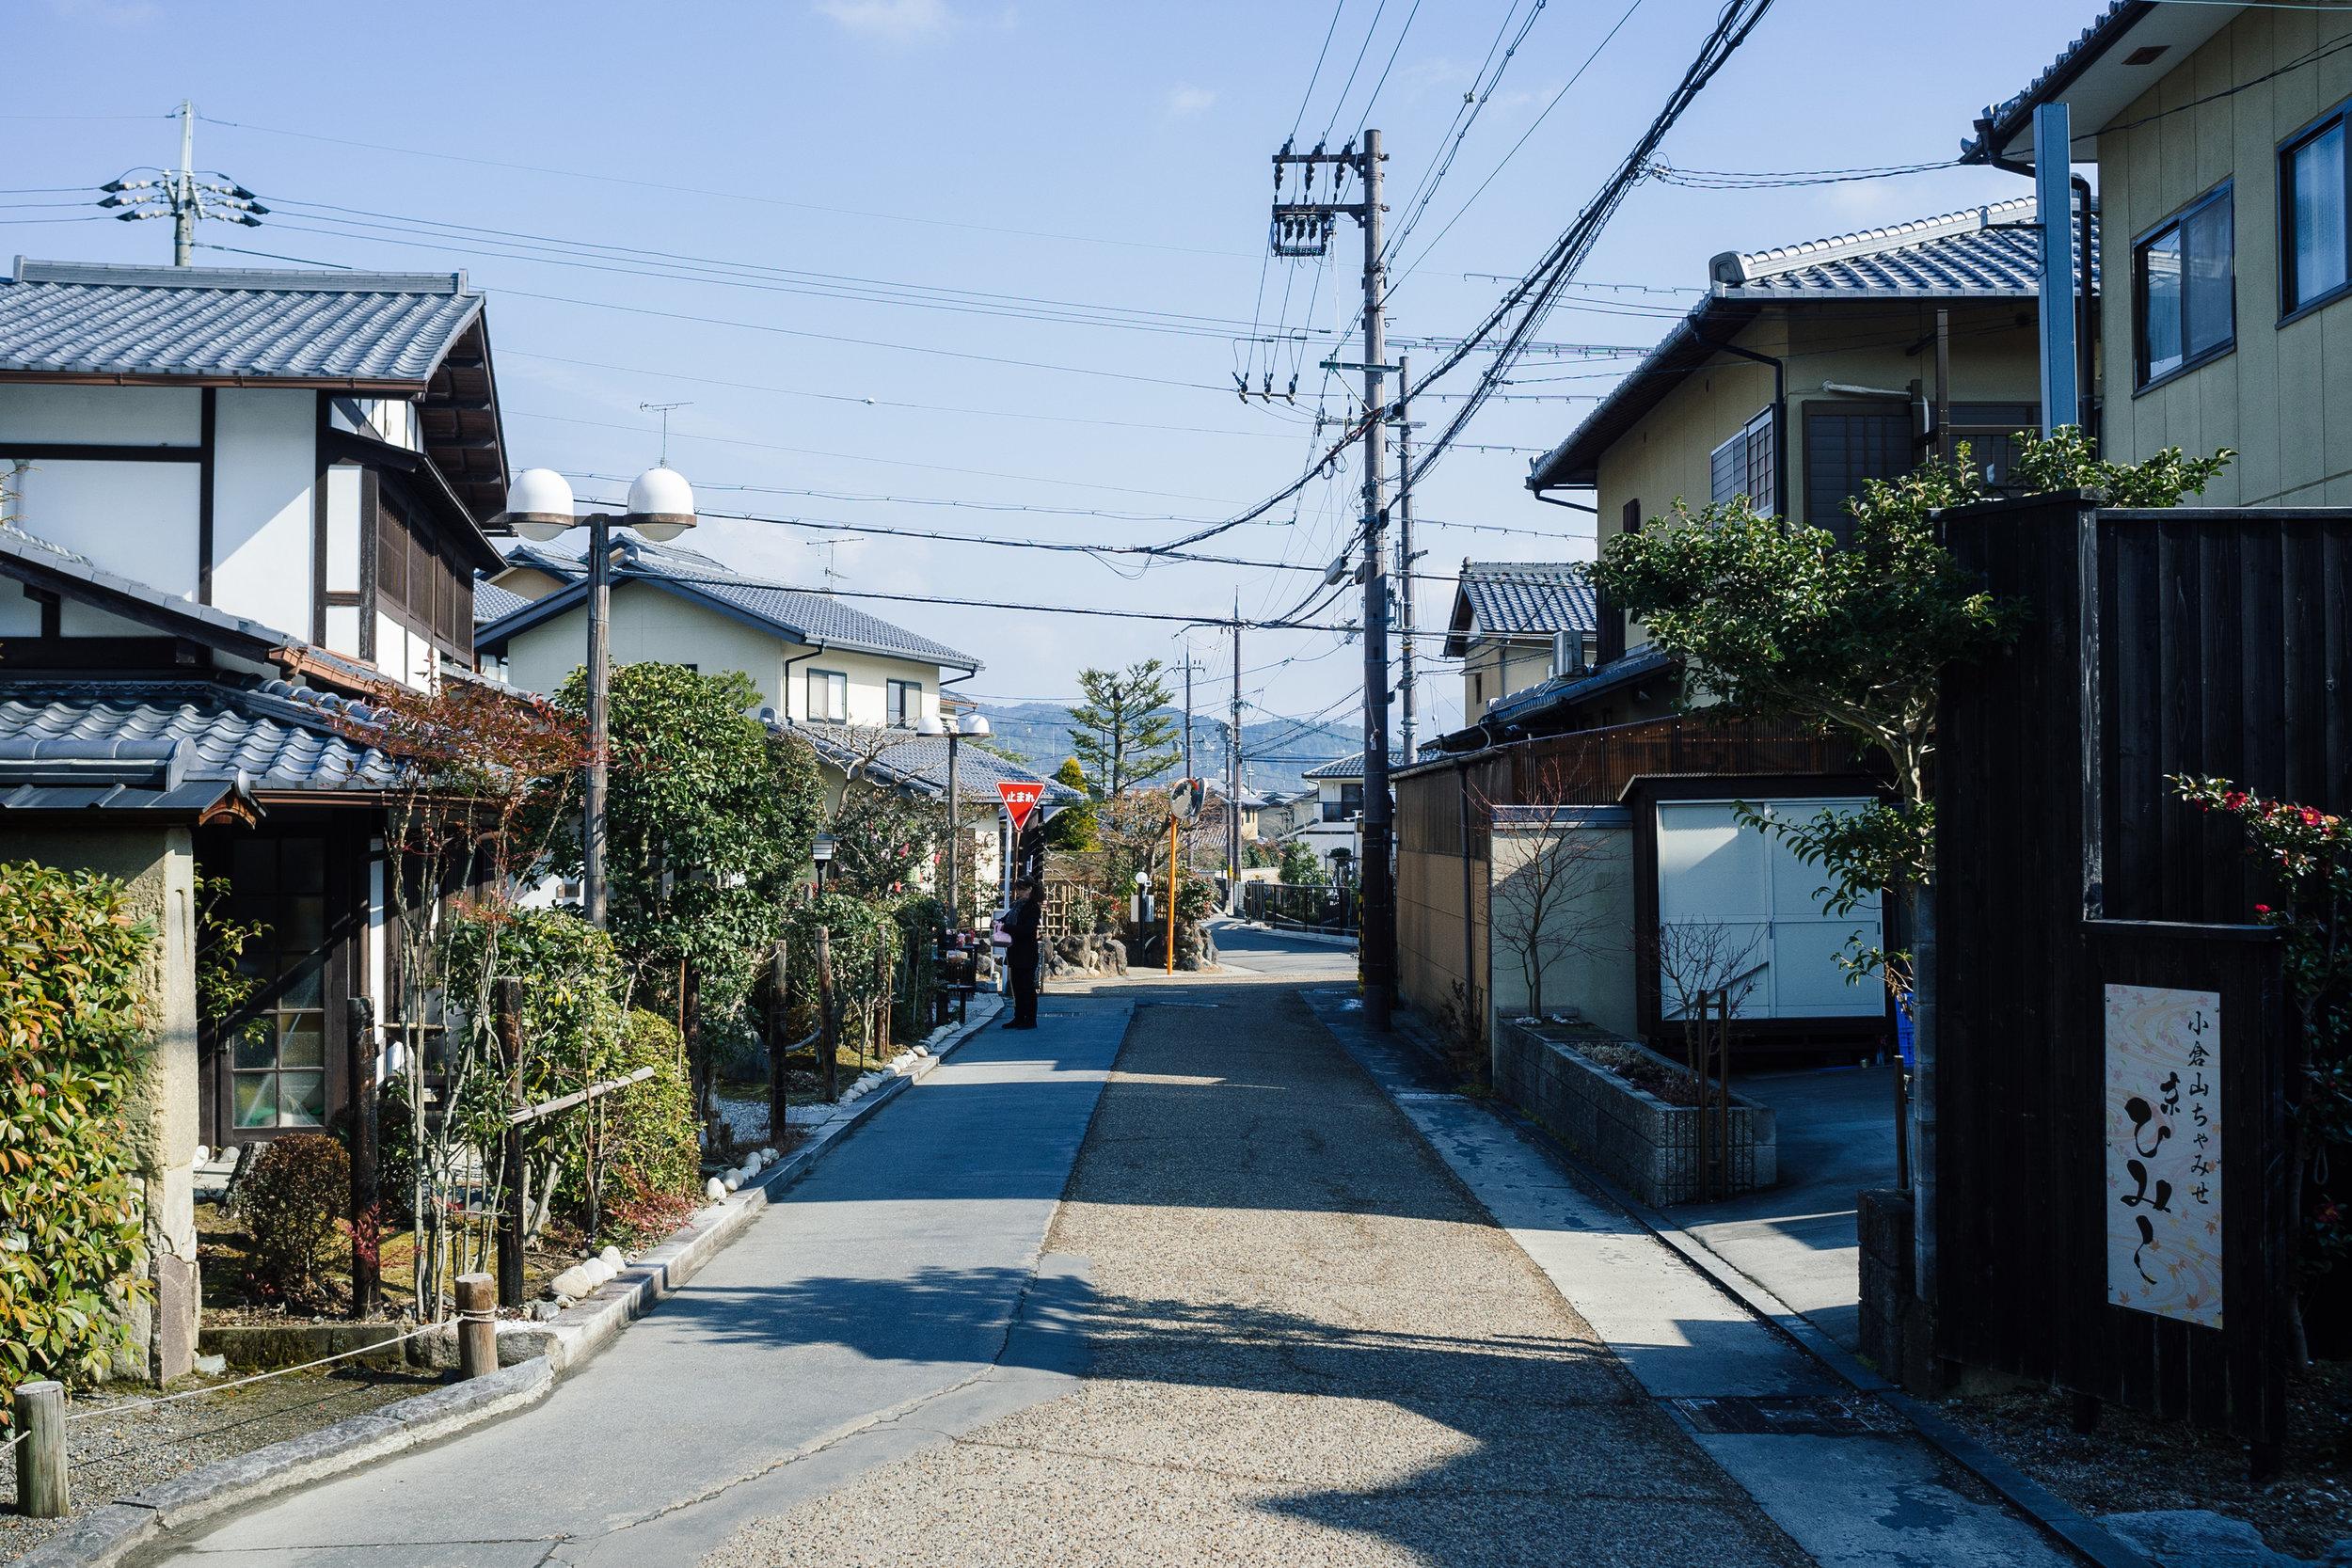 Kyoto Street 3 edit 2.jpg